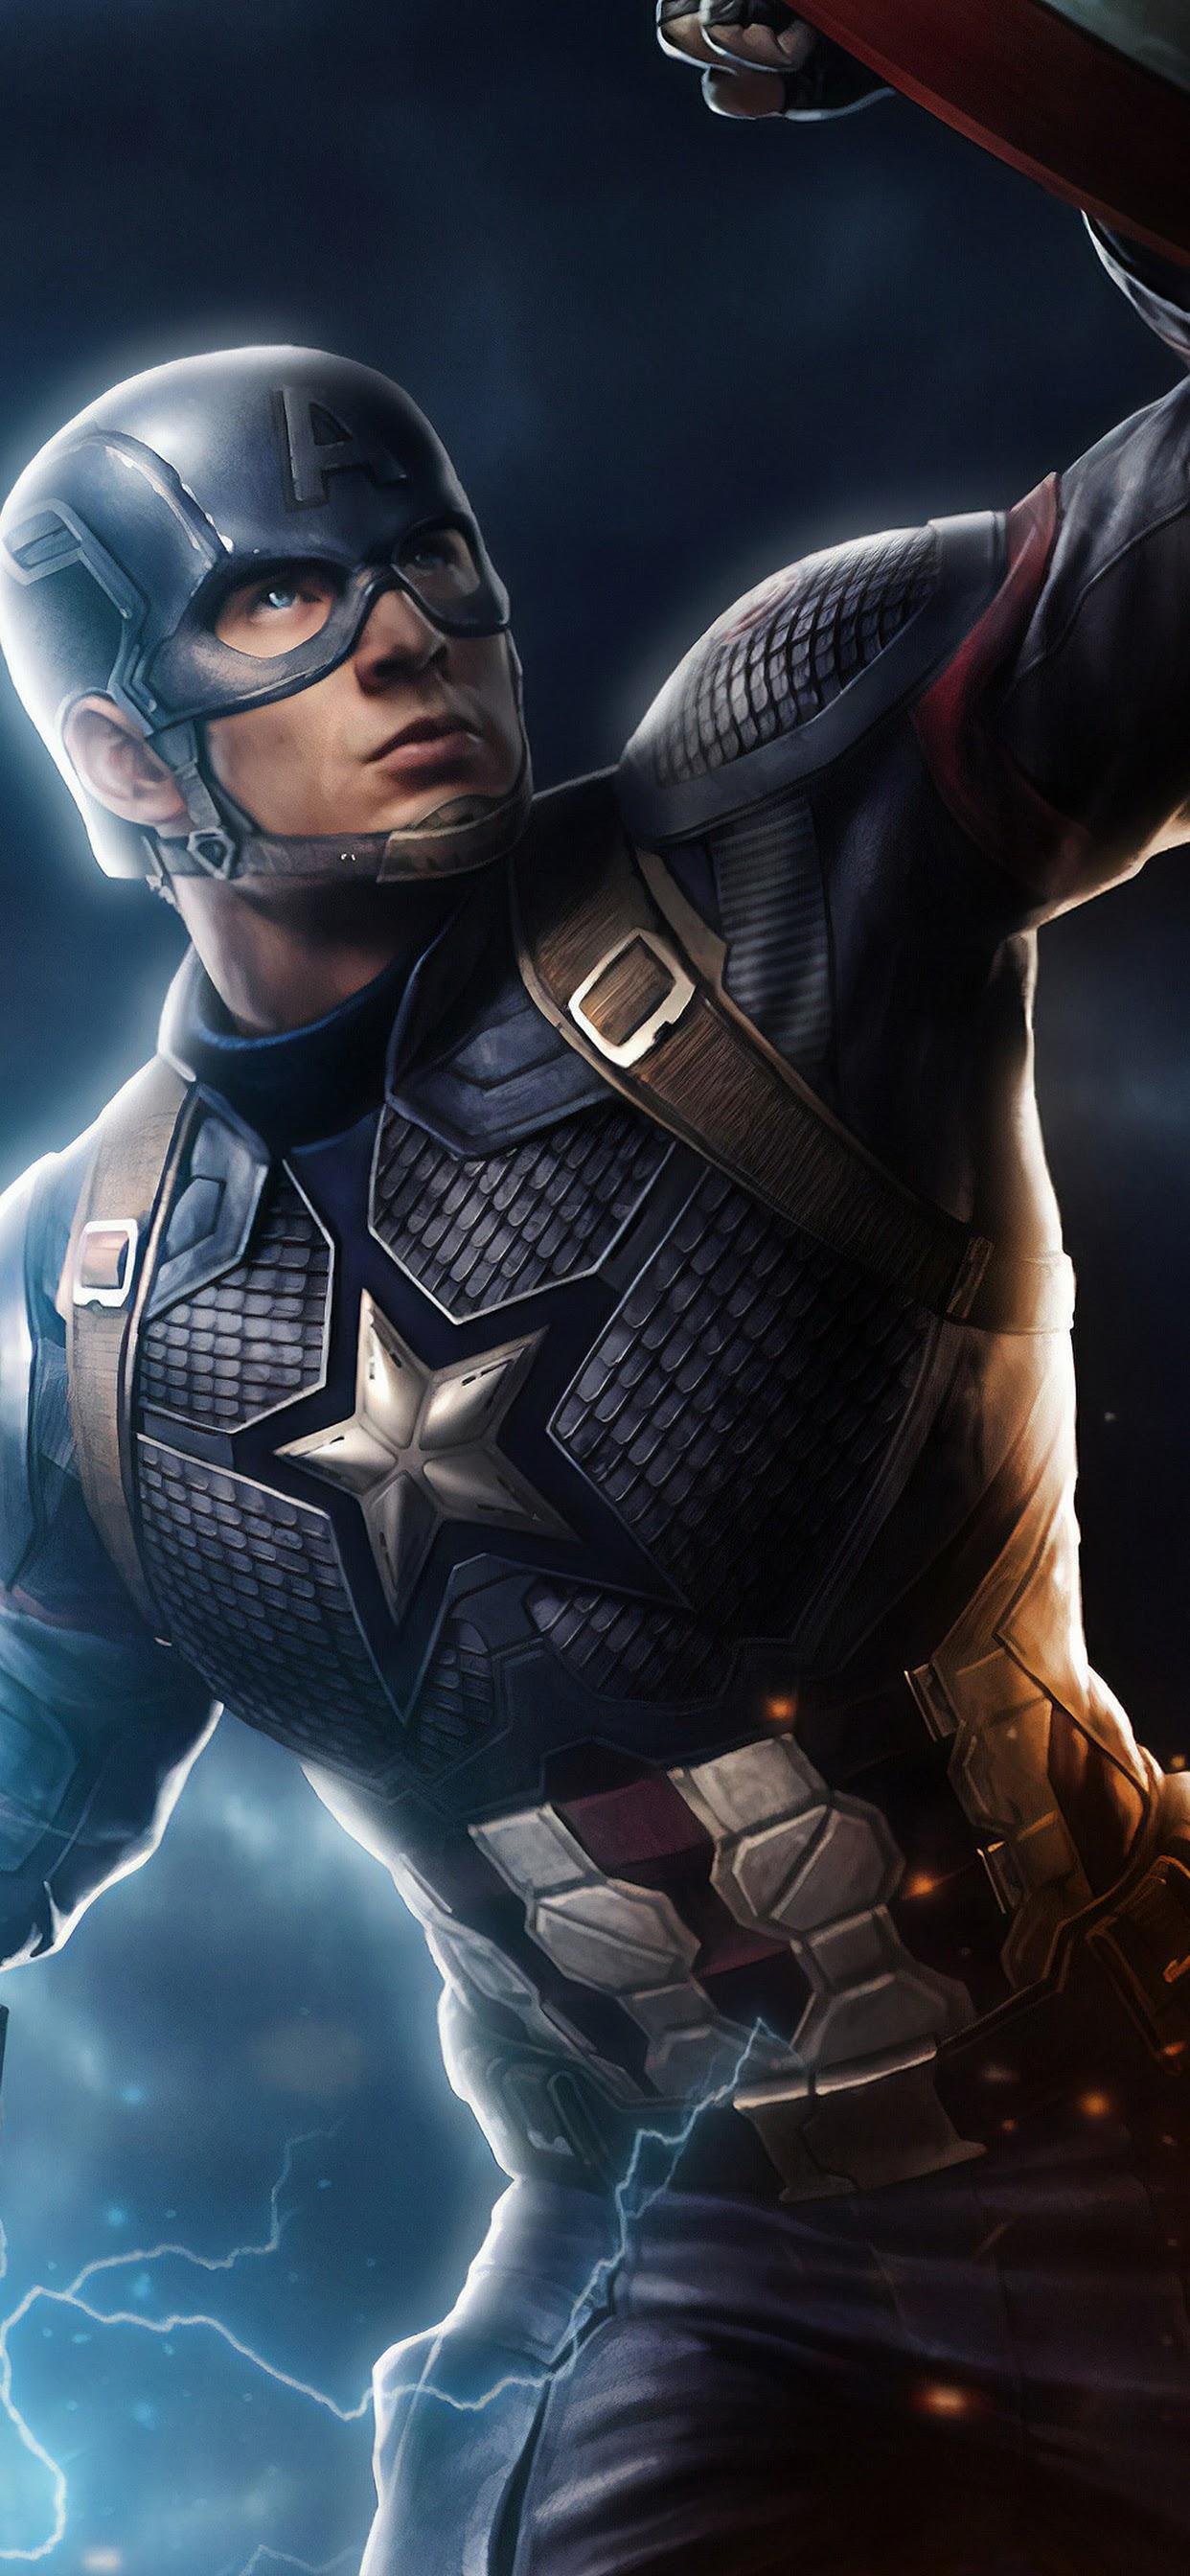 Avengers Endgame Captain America Mjolnir Hammer Lightning